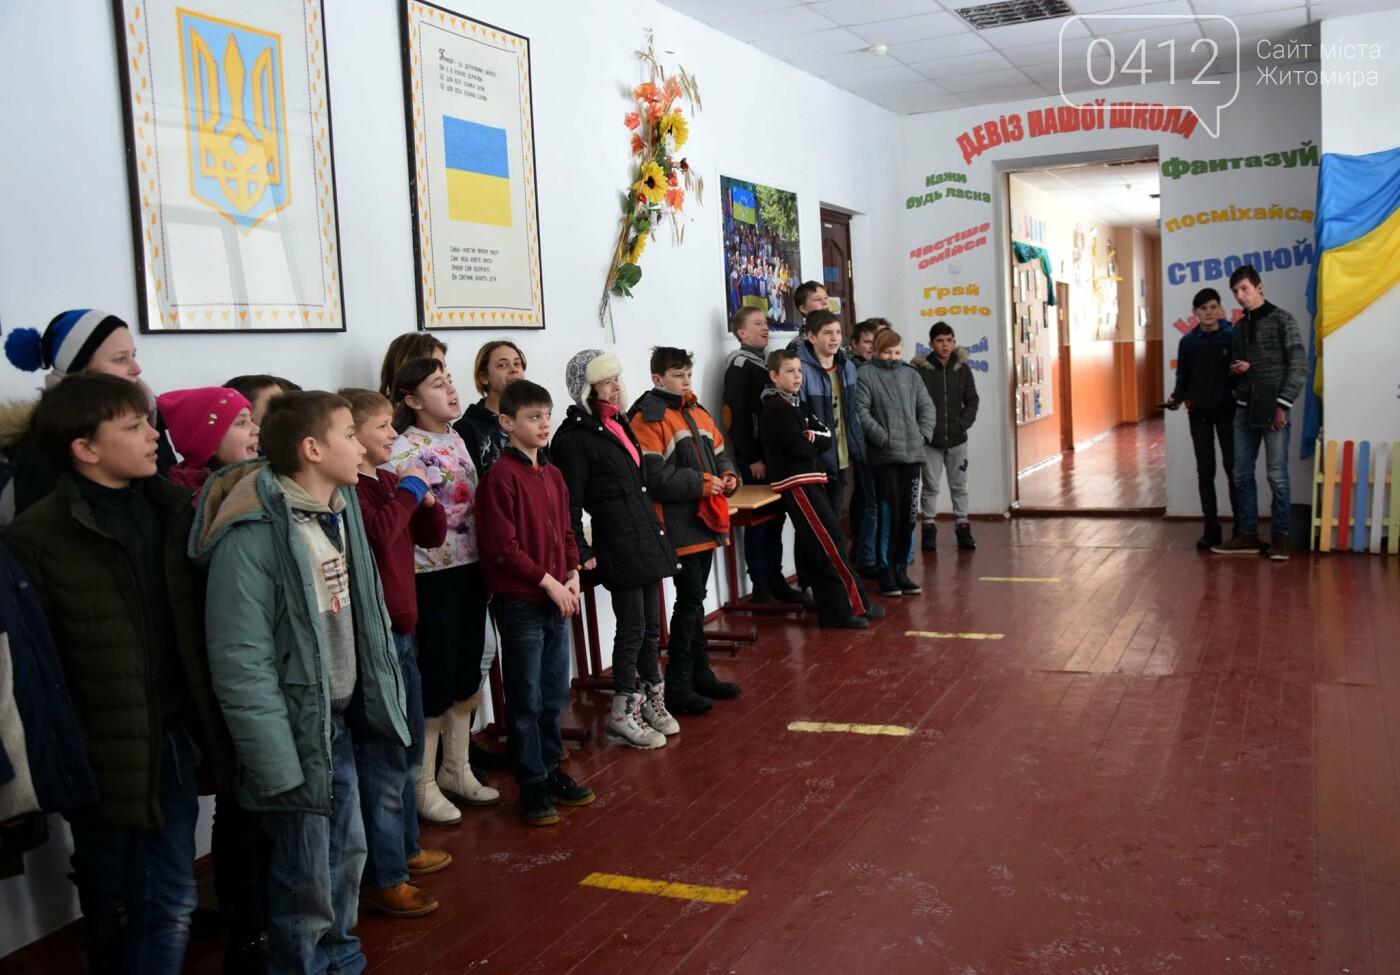 Щирі посмішки та емоції: Як діти зі школи-інтернату з військовими «тридцятки» зустрілися. ФОТО, фото-3